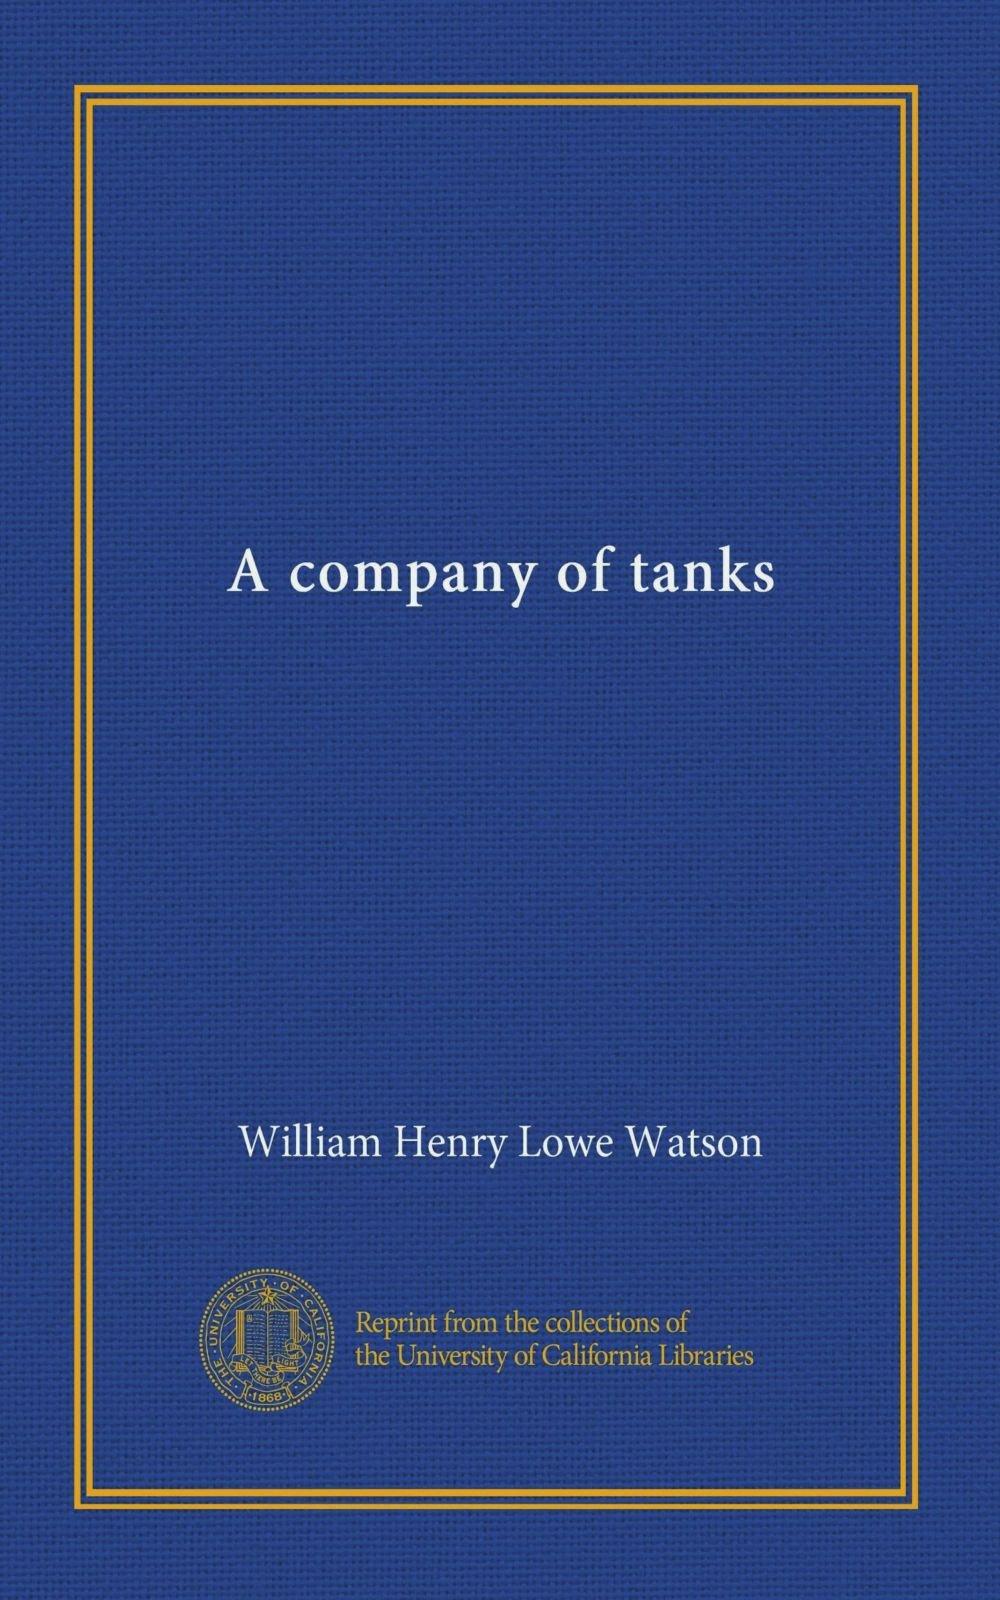 A company of tanks